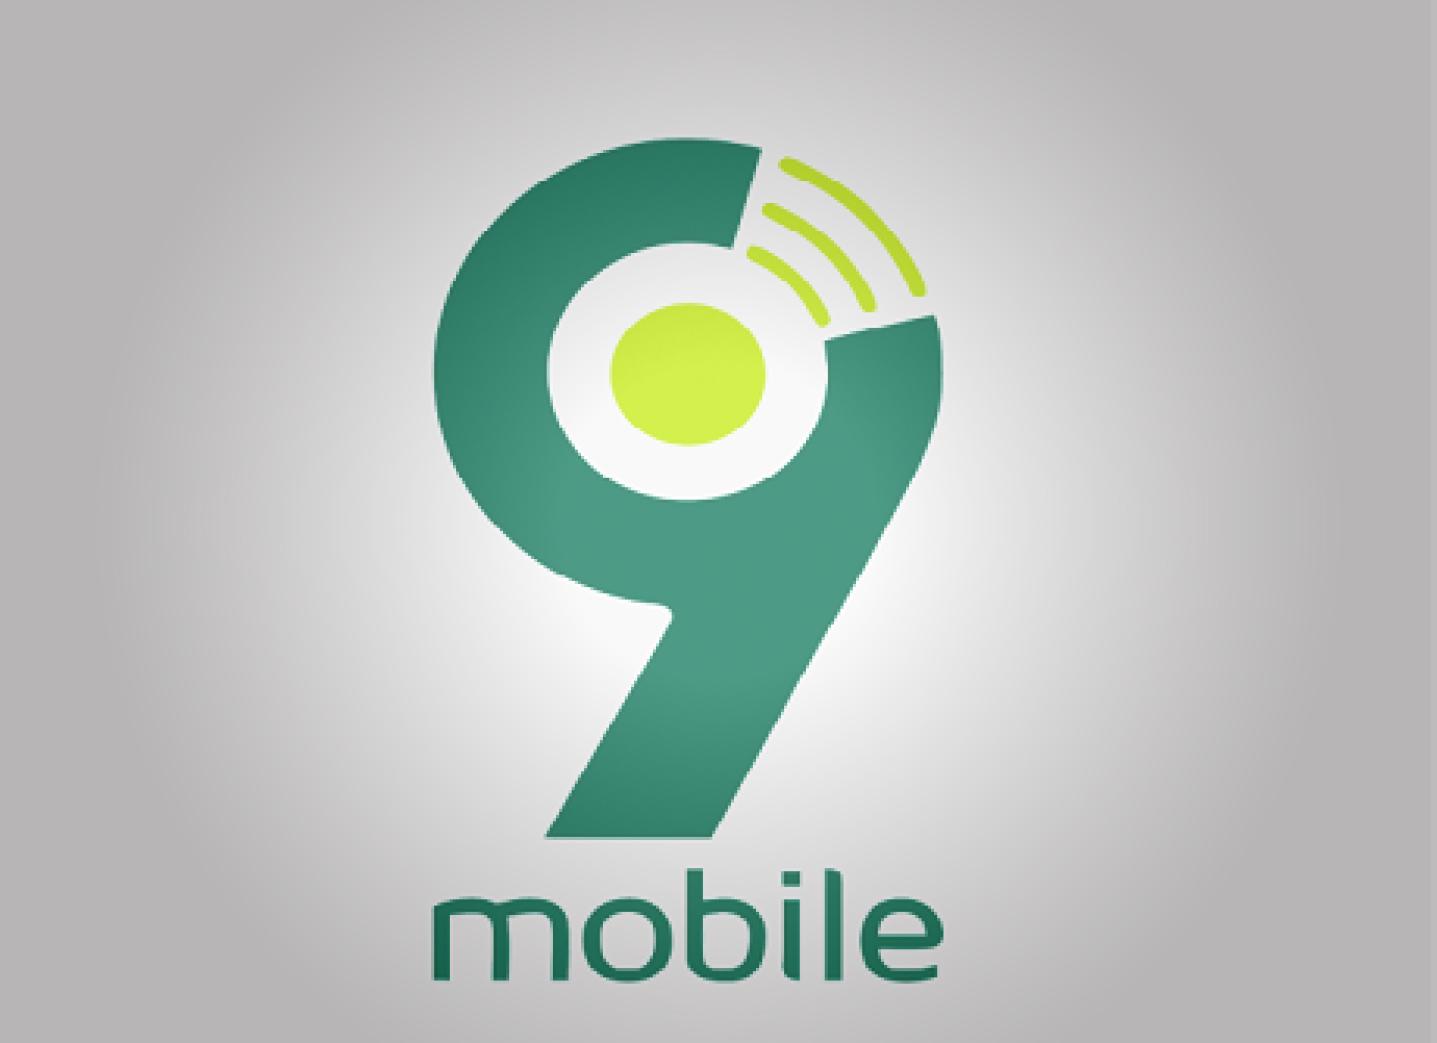 mobileXcetera